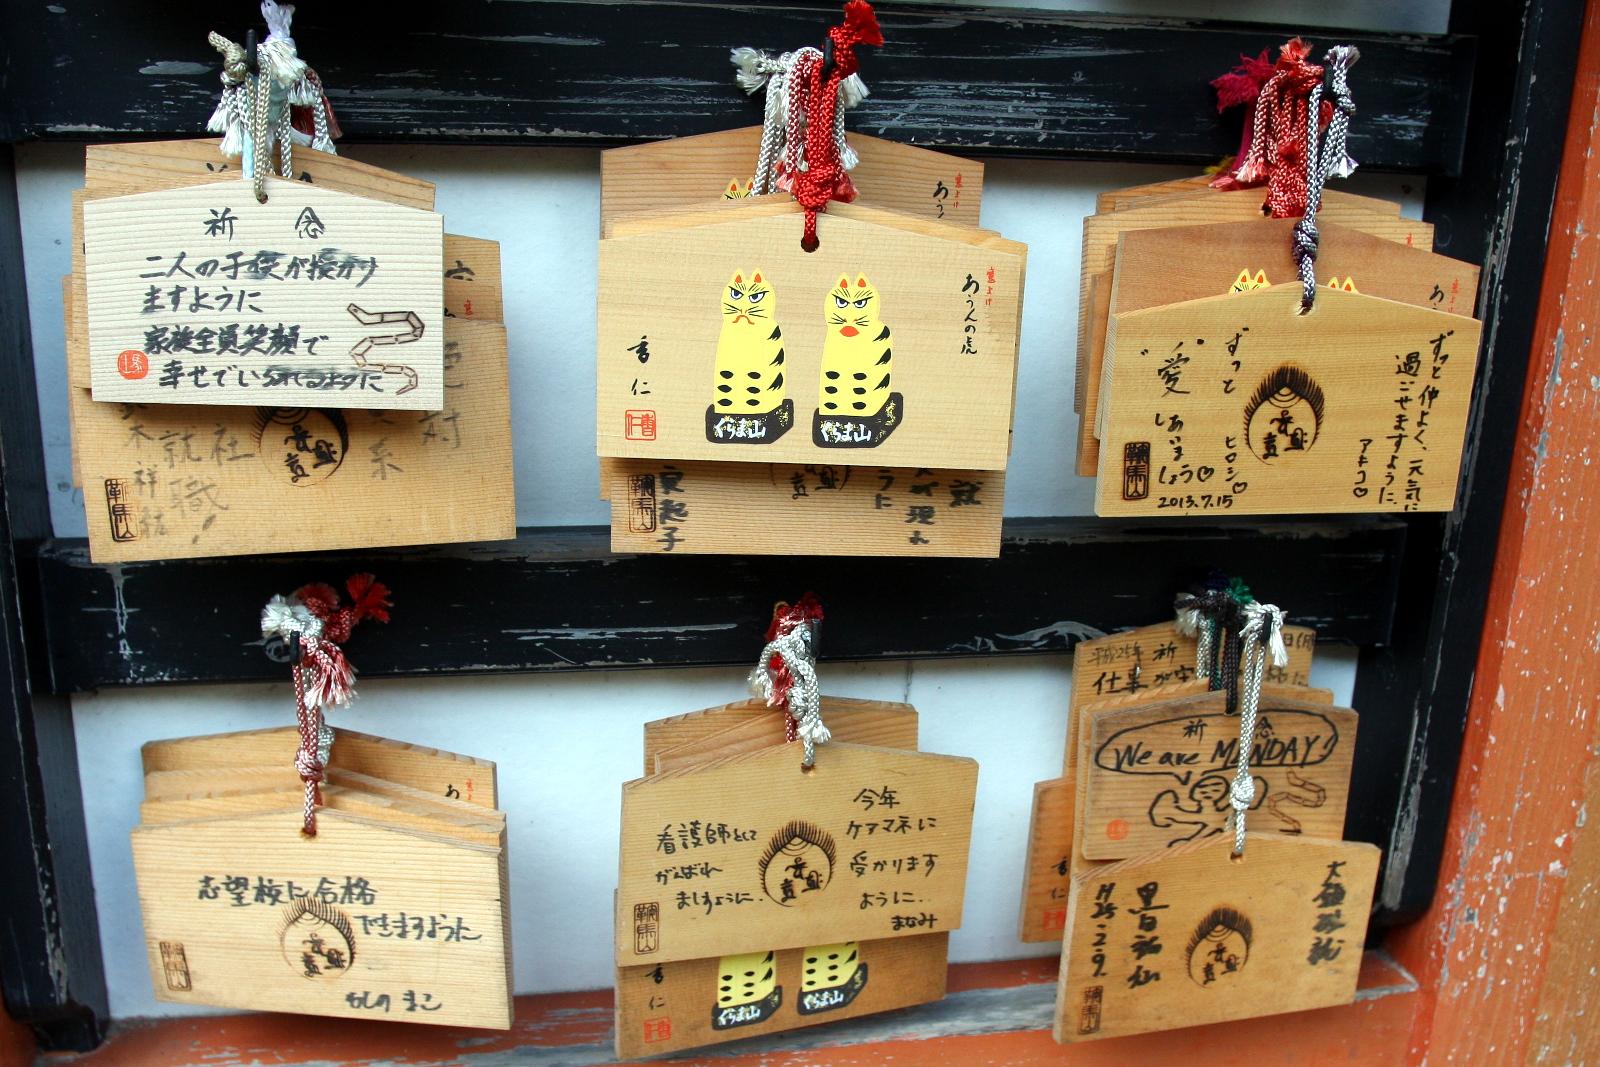 Japońskie przysłowia #3: Koketsu ni irazunba koji wo ezu